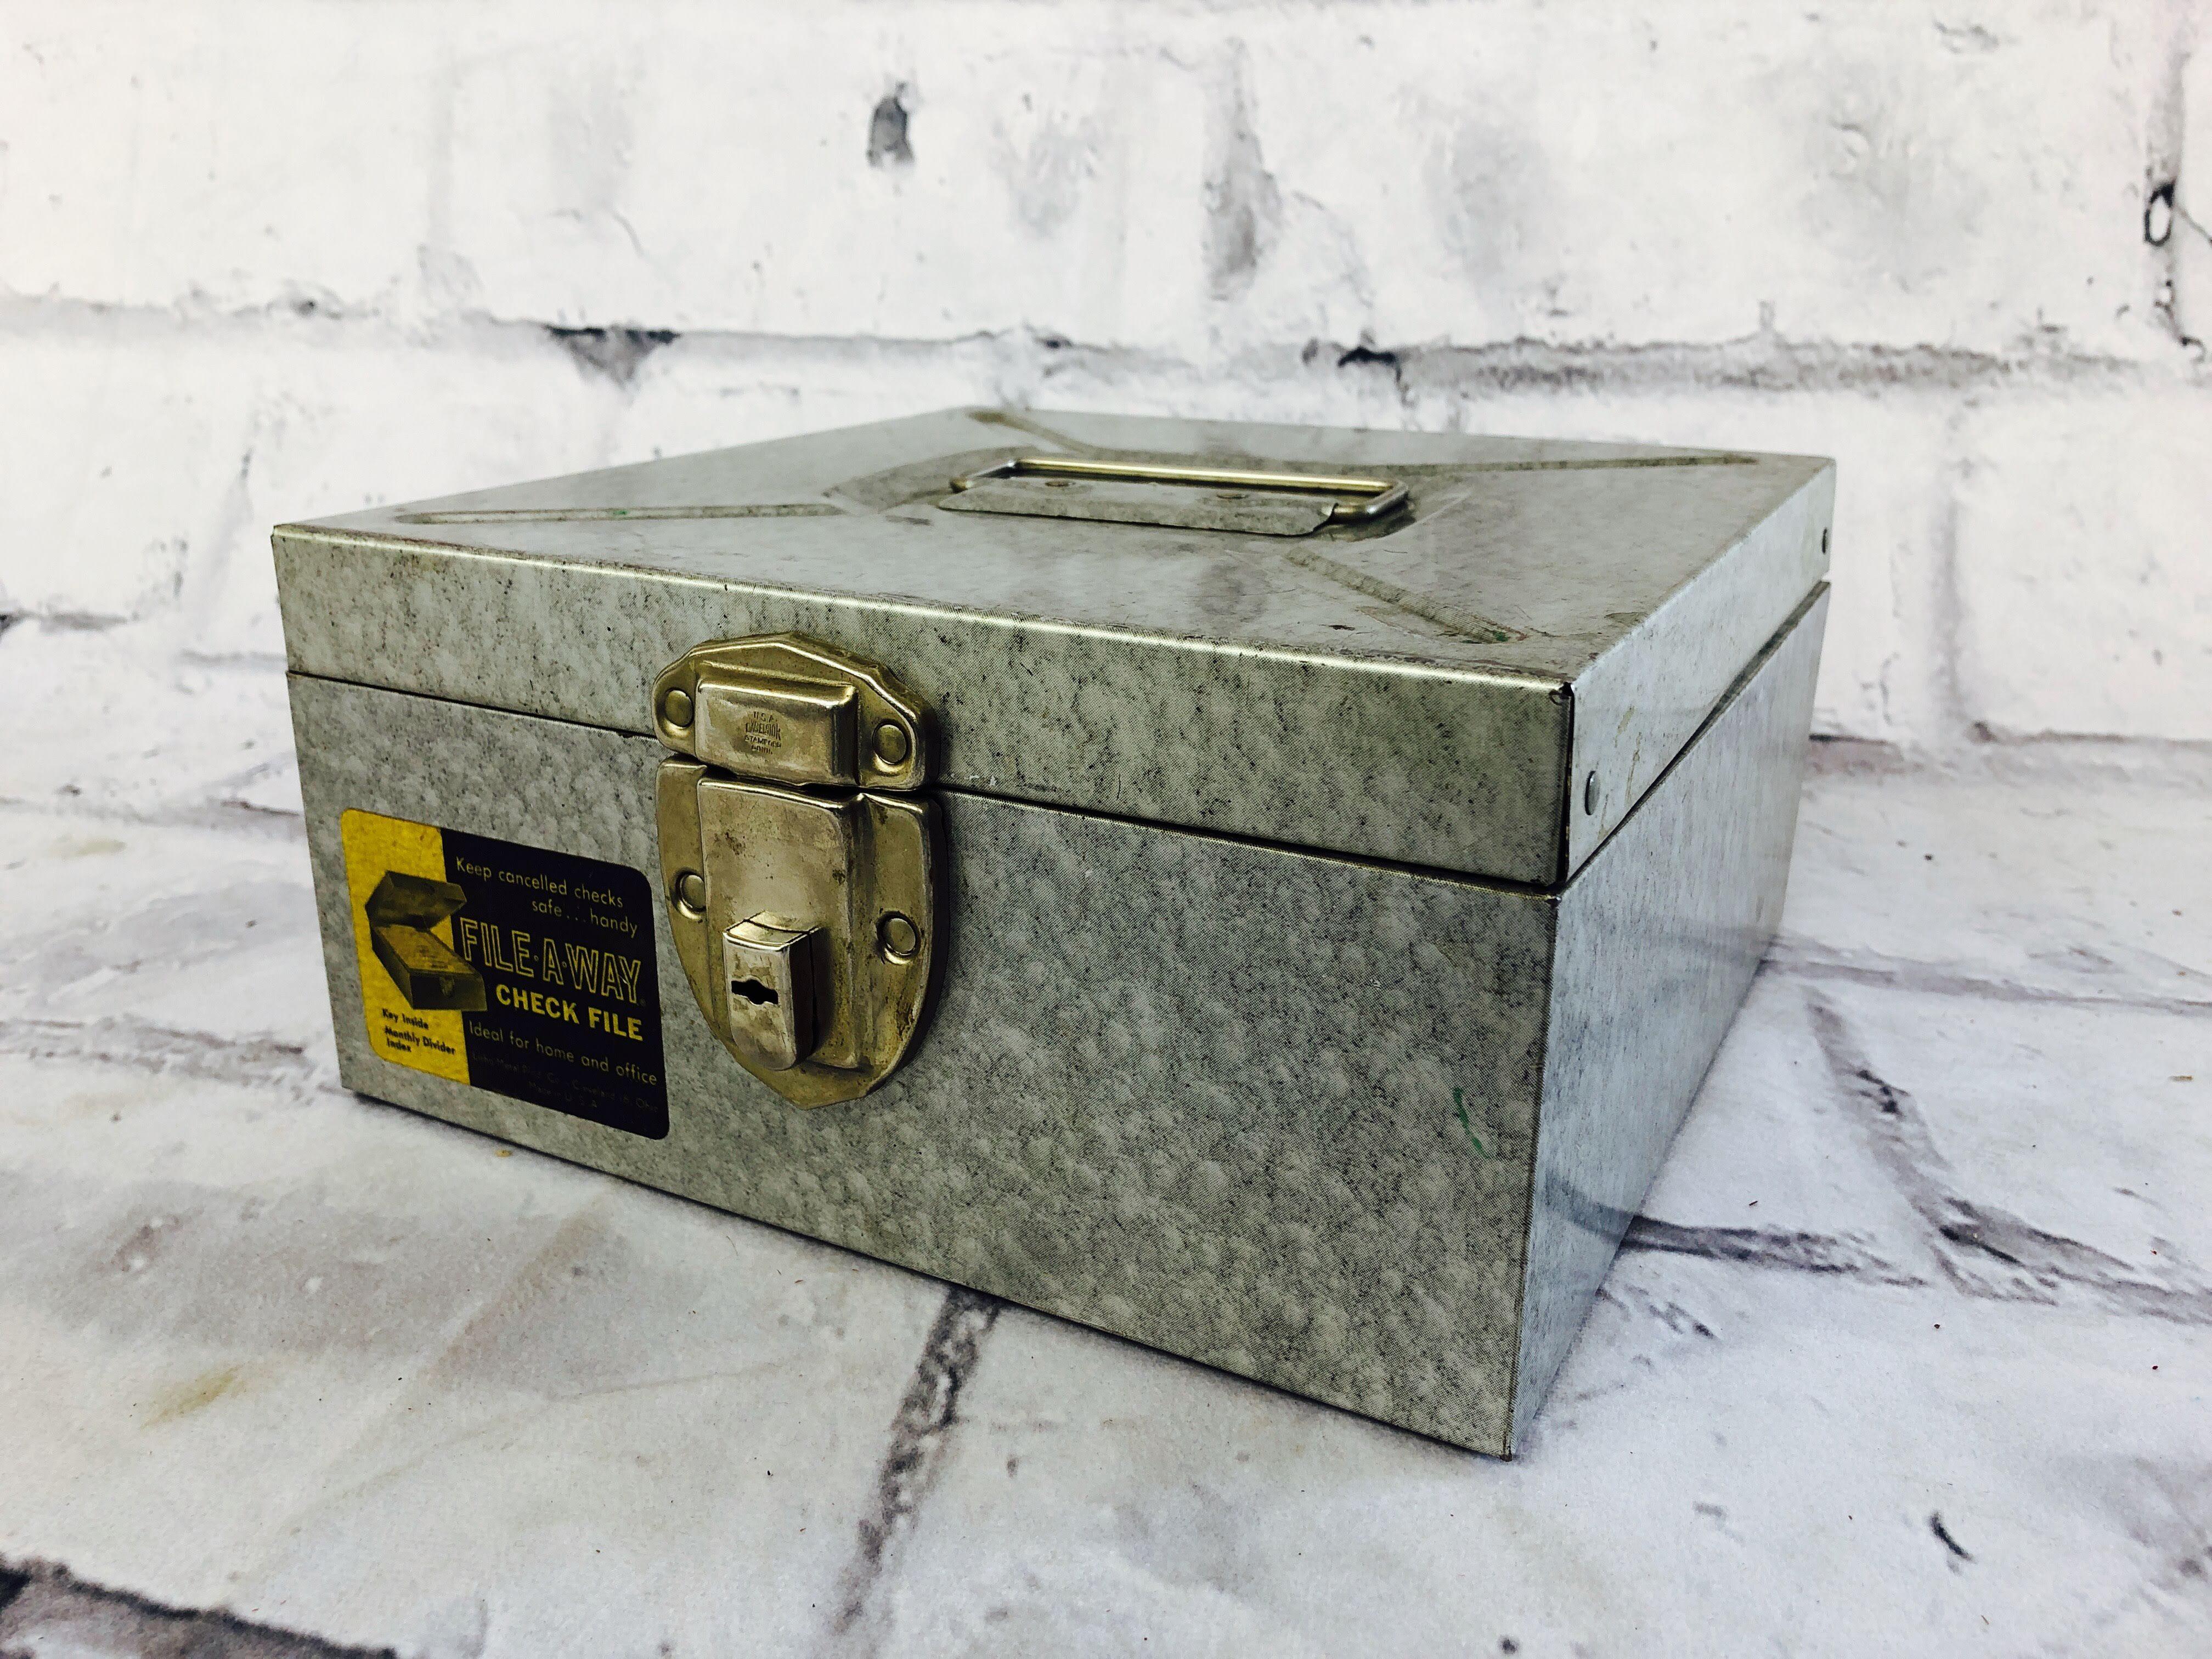 品番5520 メタルケース FILE A WAY ハンディケース ファイルケース ヴィンテージ